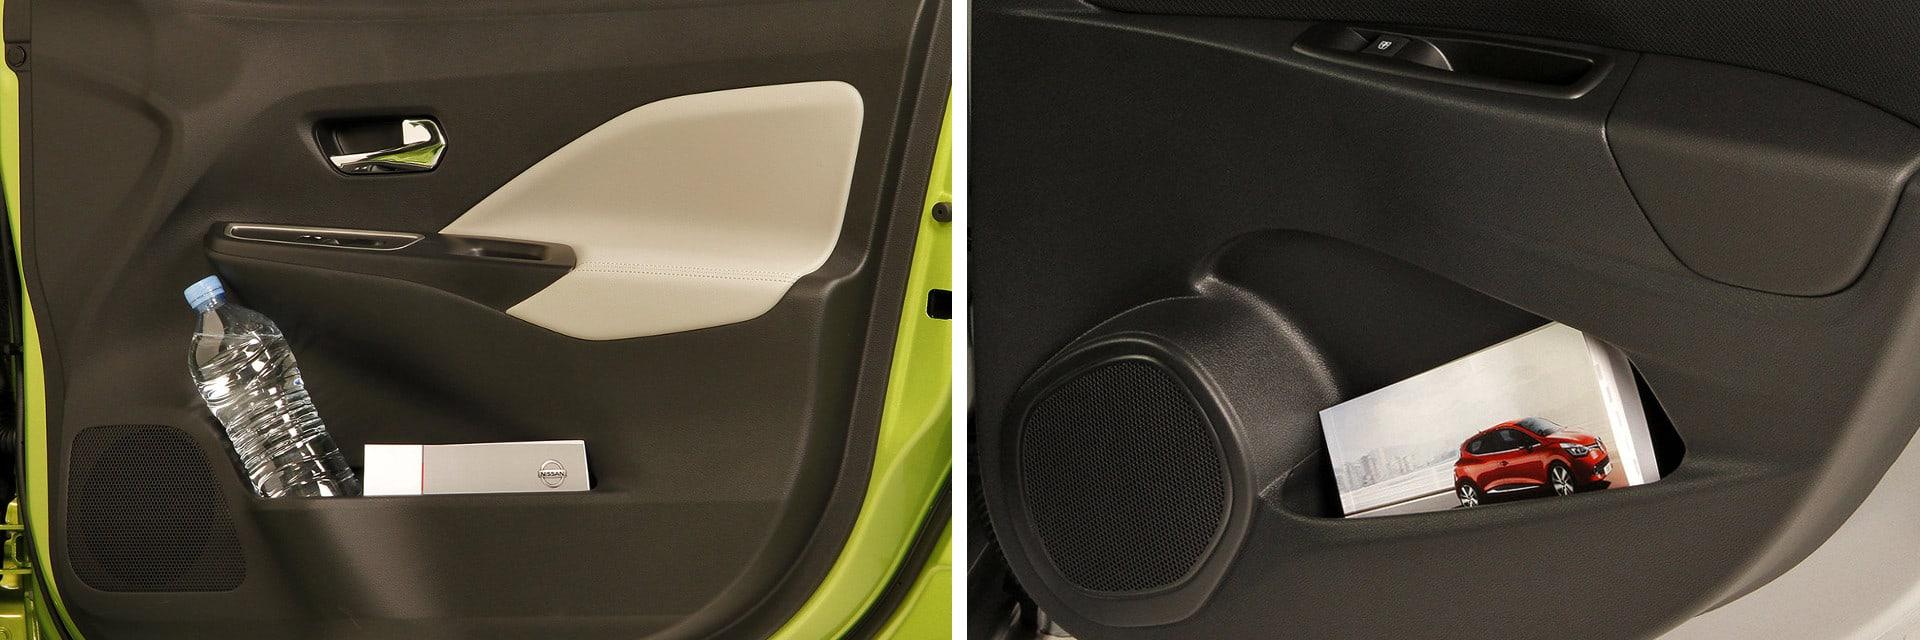 Ambos vehículos disponen de numerosos huecos portaobjetos repartidos por todo el interior.